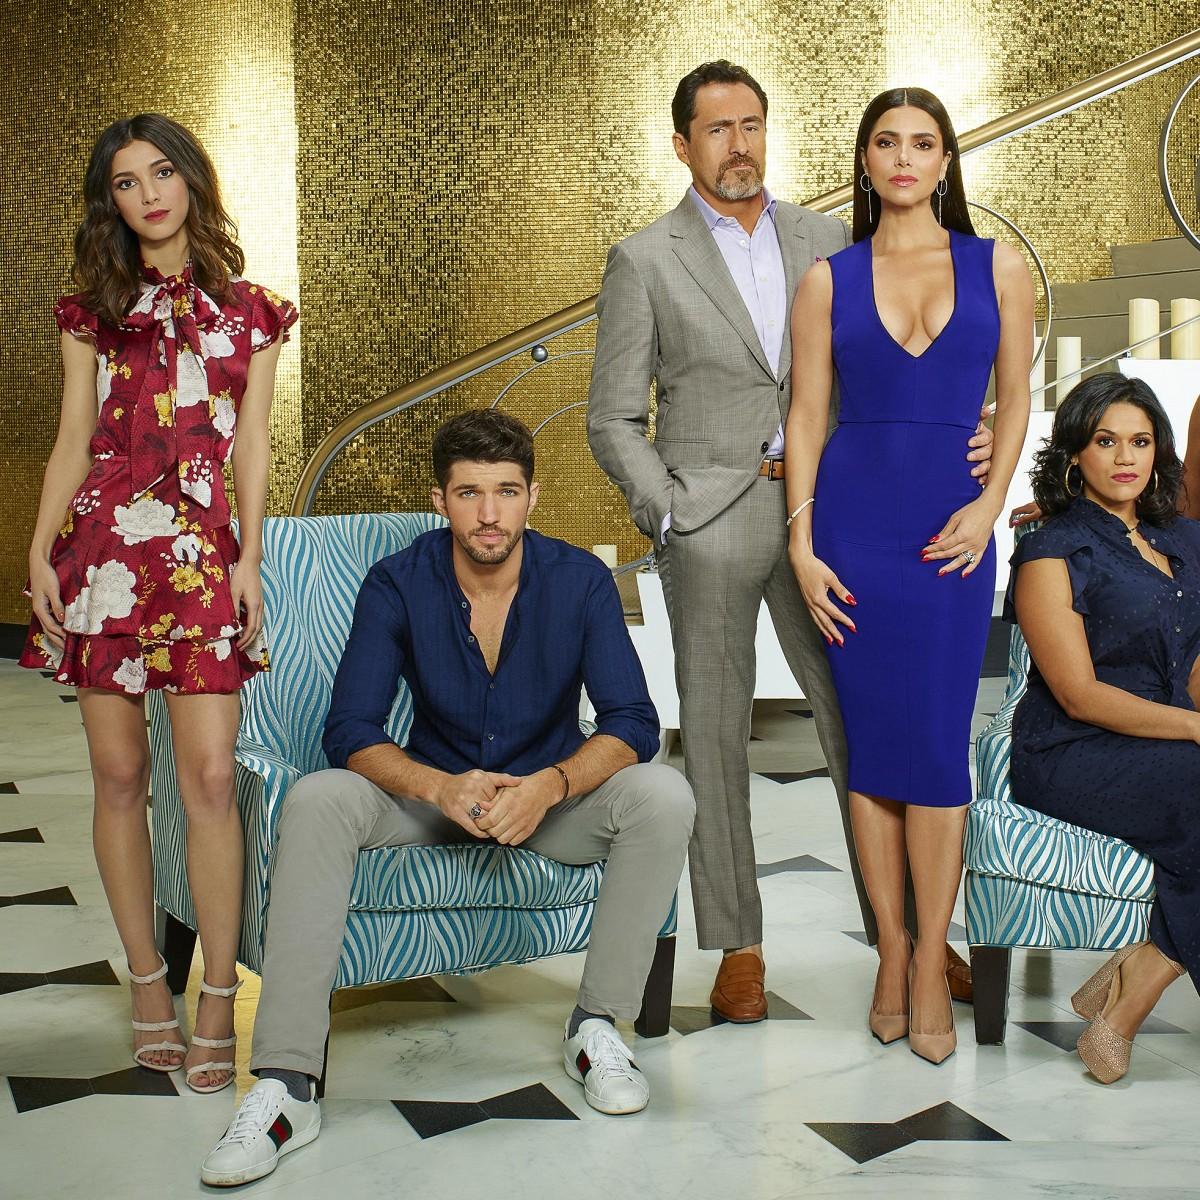 Grand Hotel Amerikanische Mystery Soap Findet Free Tv Heimat Sommer Serie Aus Miami Beach Soll Kalte Dezember Dienstage Aufhellen Tv Wunschliste